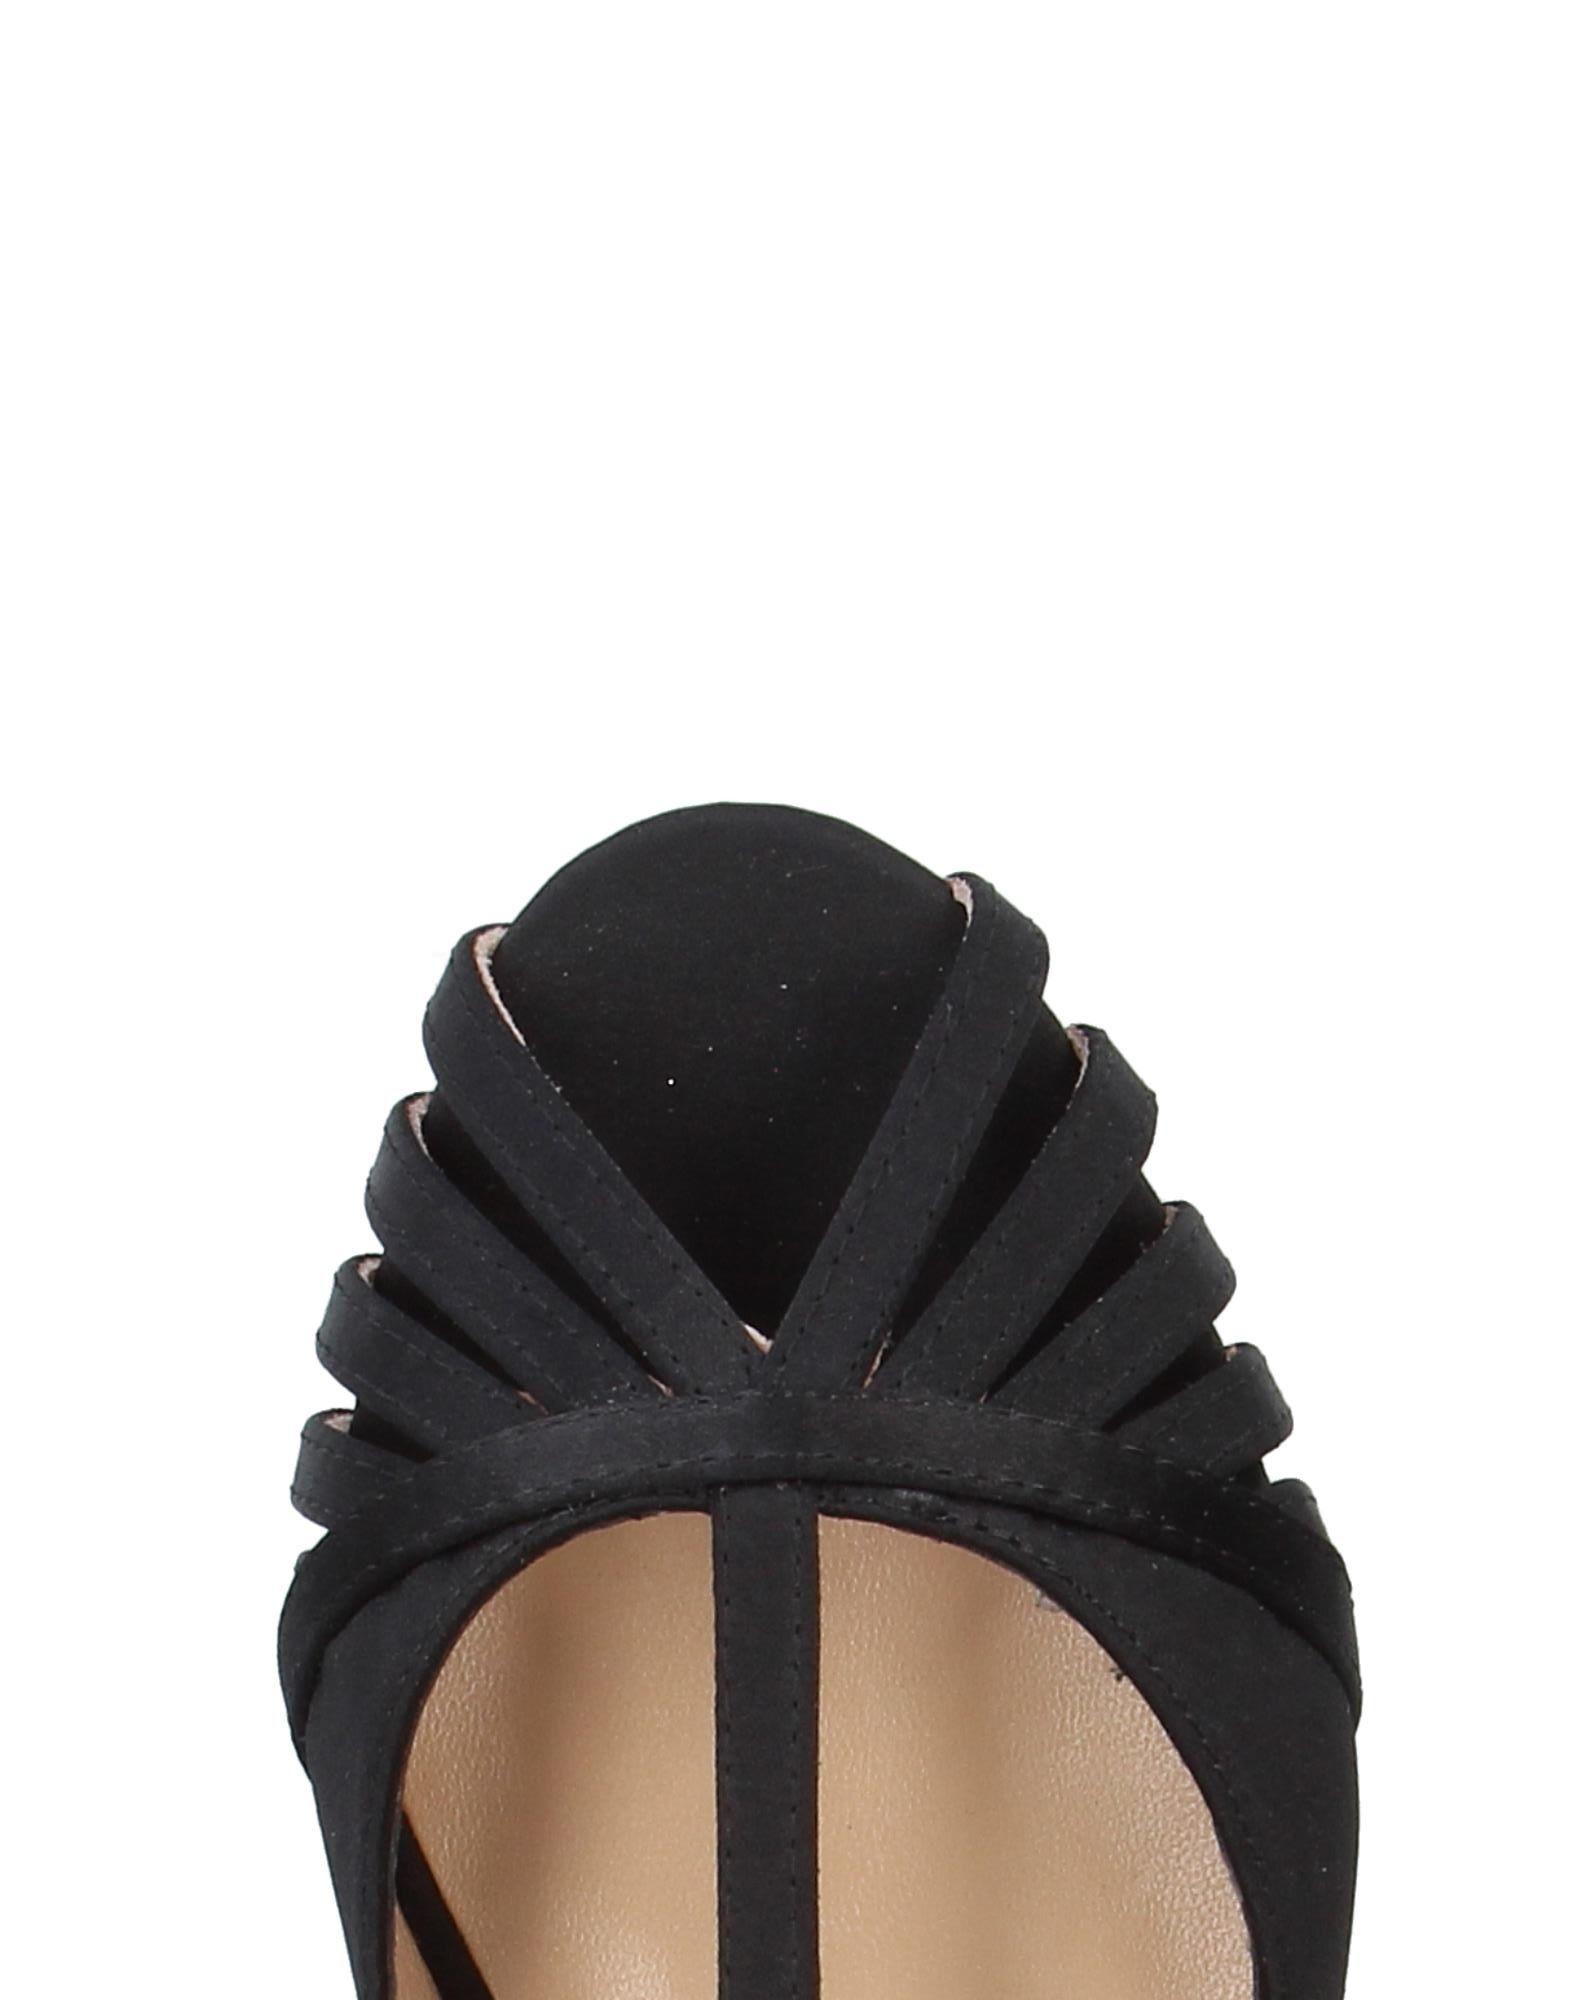 Bibi Lou Sandalen Damen  Gute 11346923FJ Gute  Qualität beliebte Schuhe 779e79